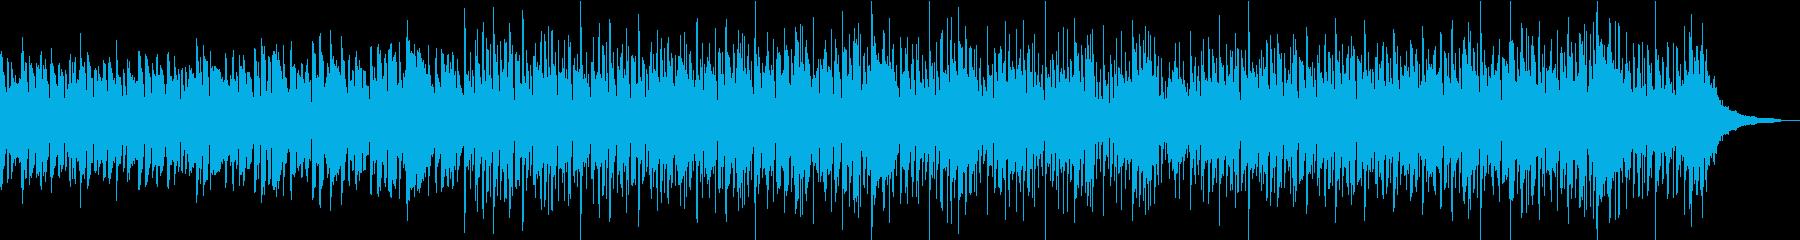 アコギと口笛のほのぼのした曲の再生済みの波形